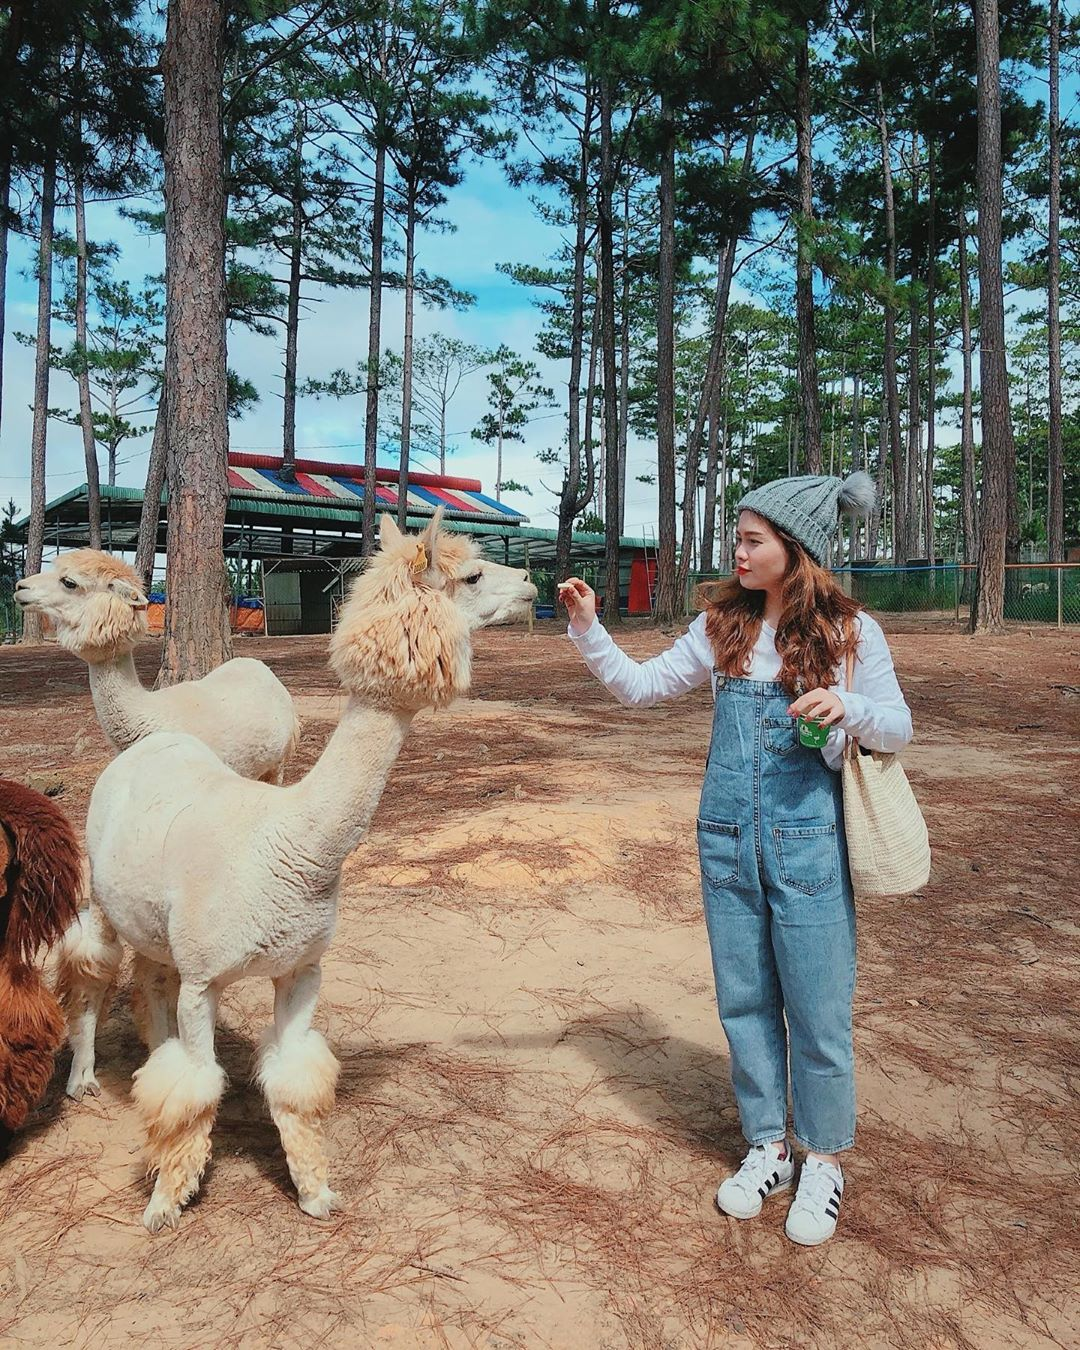 Hướng dẫn đường đến sở thú Zoodoo Đà Lạt - iVIVU.com